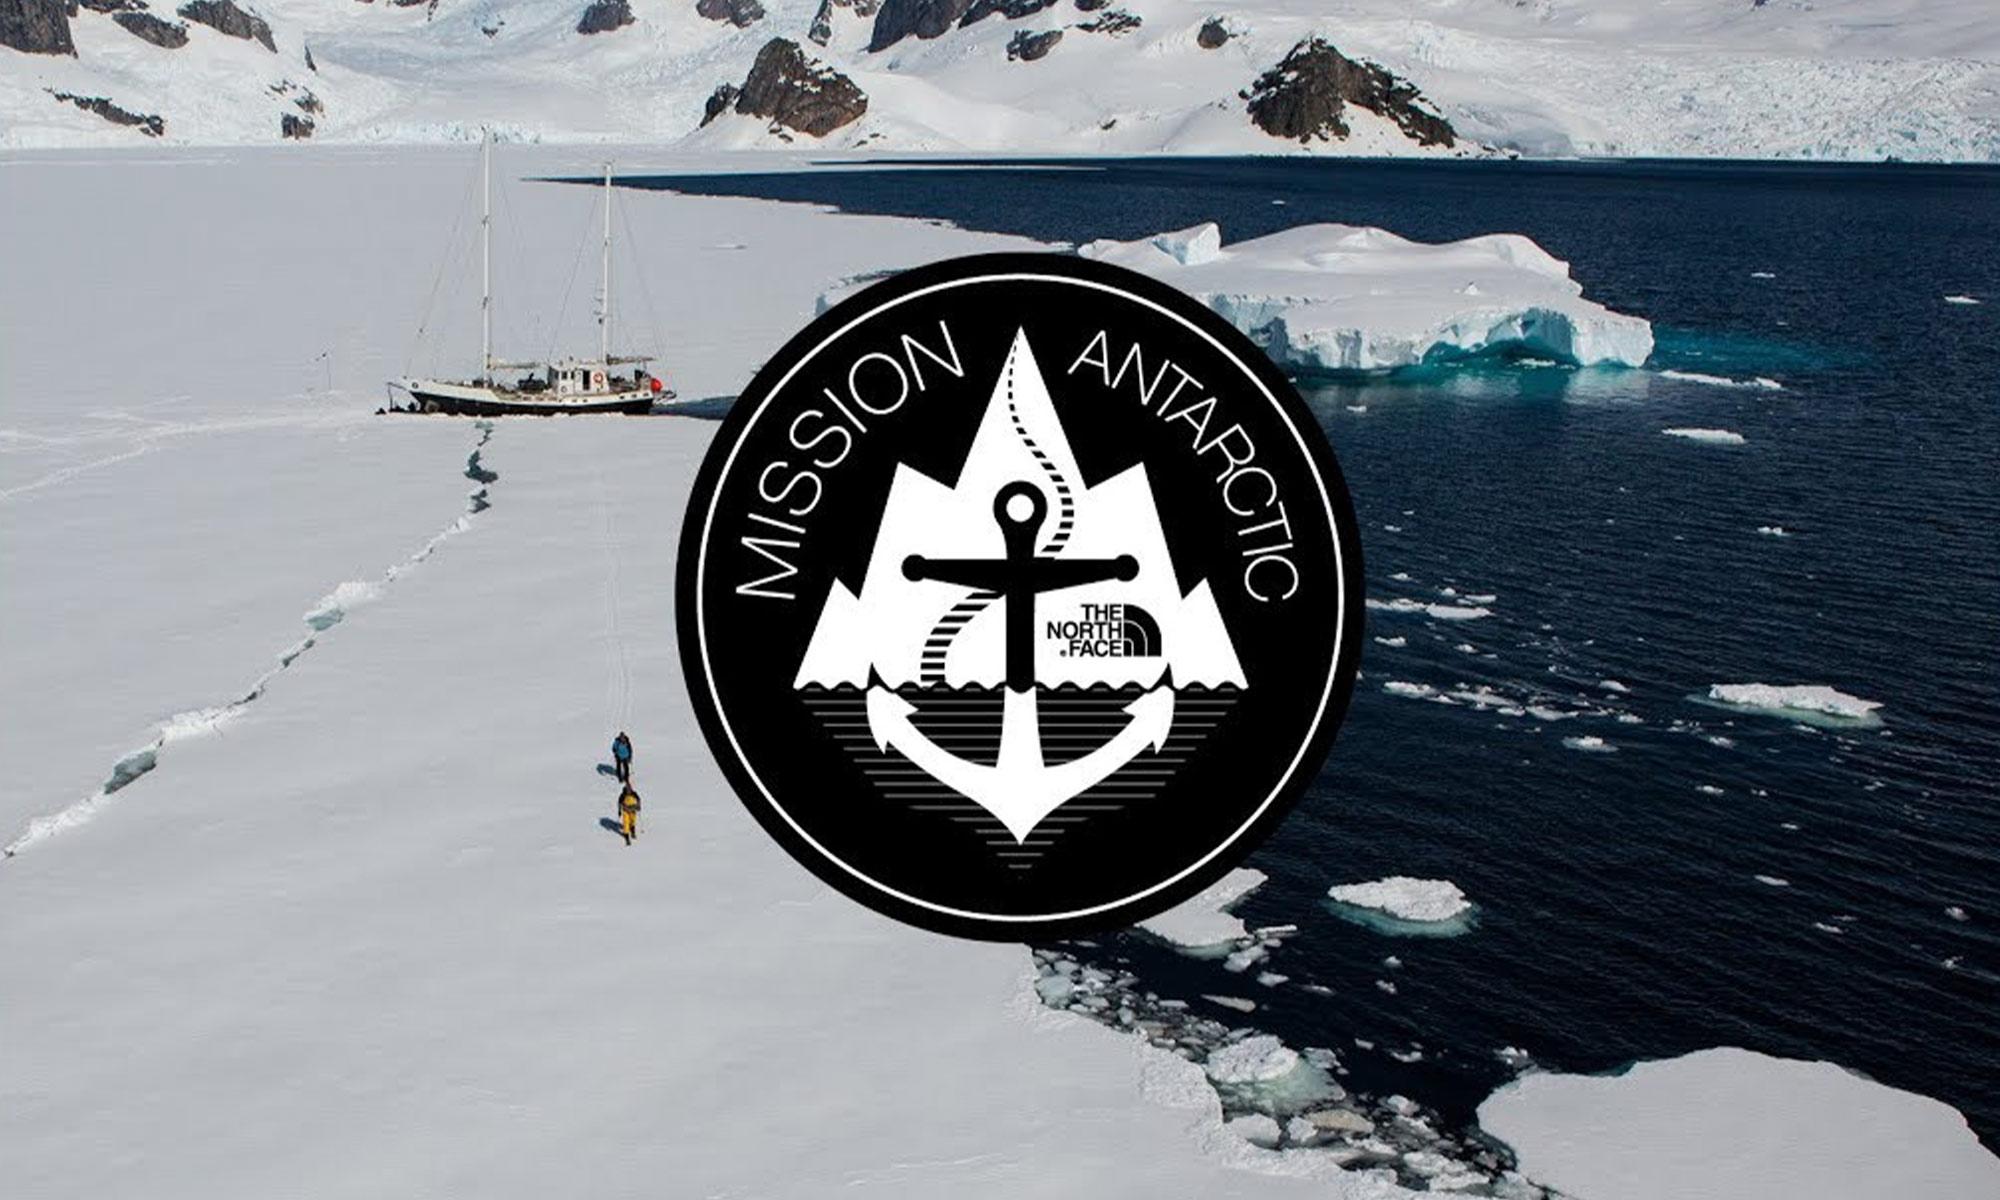 Mission Antarctic